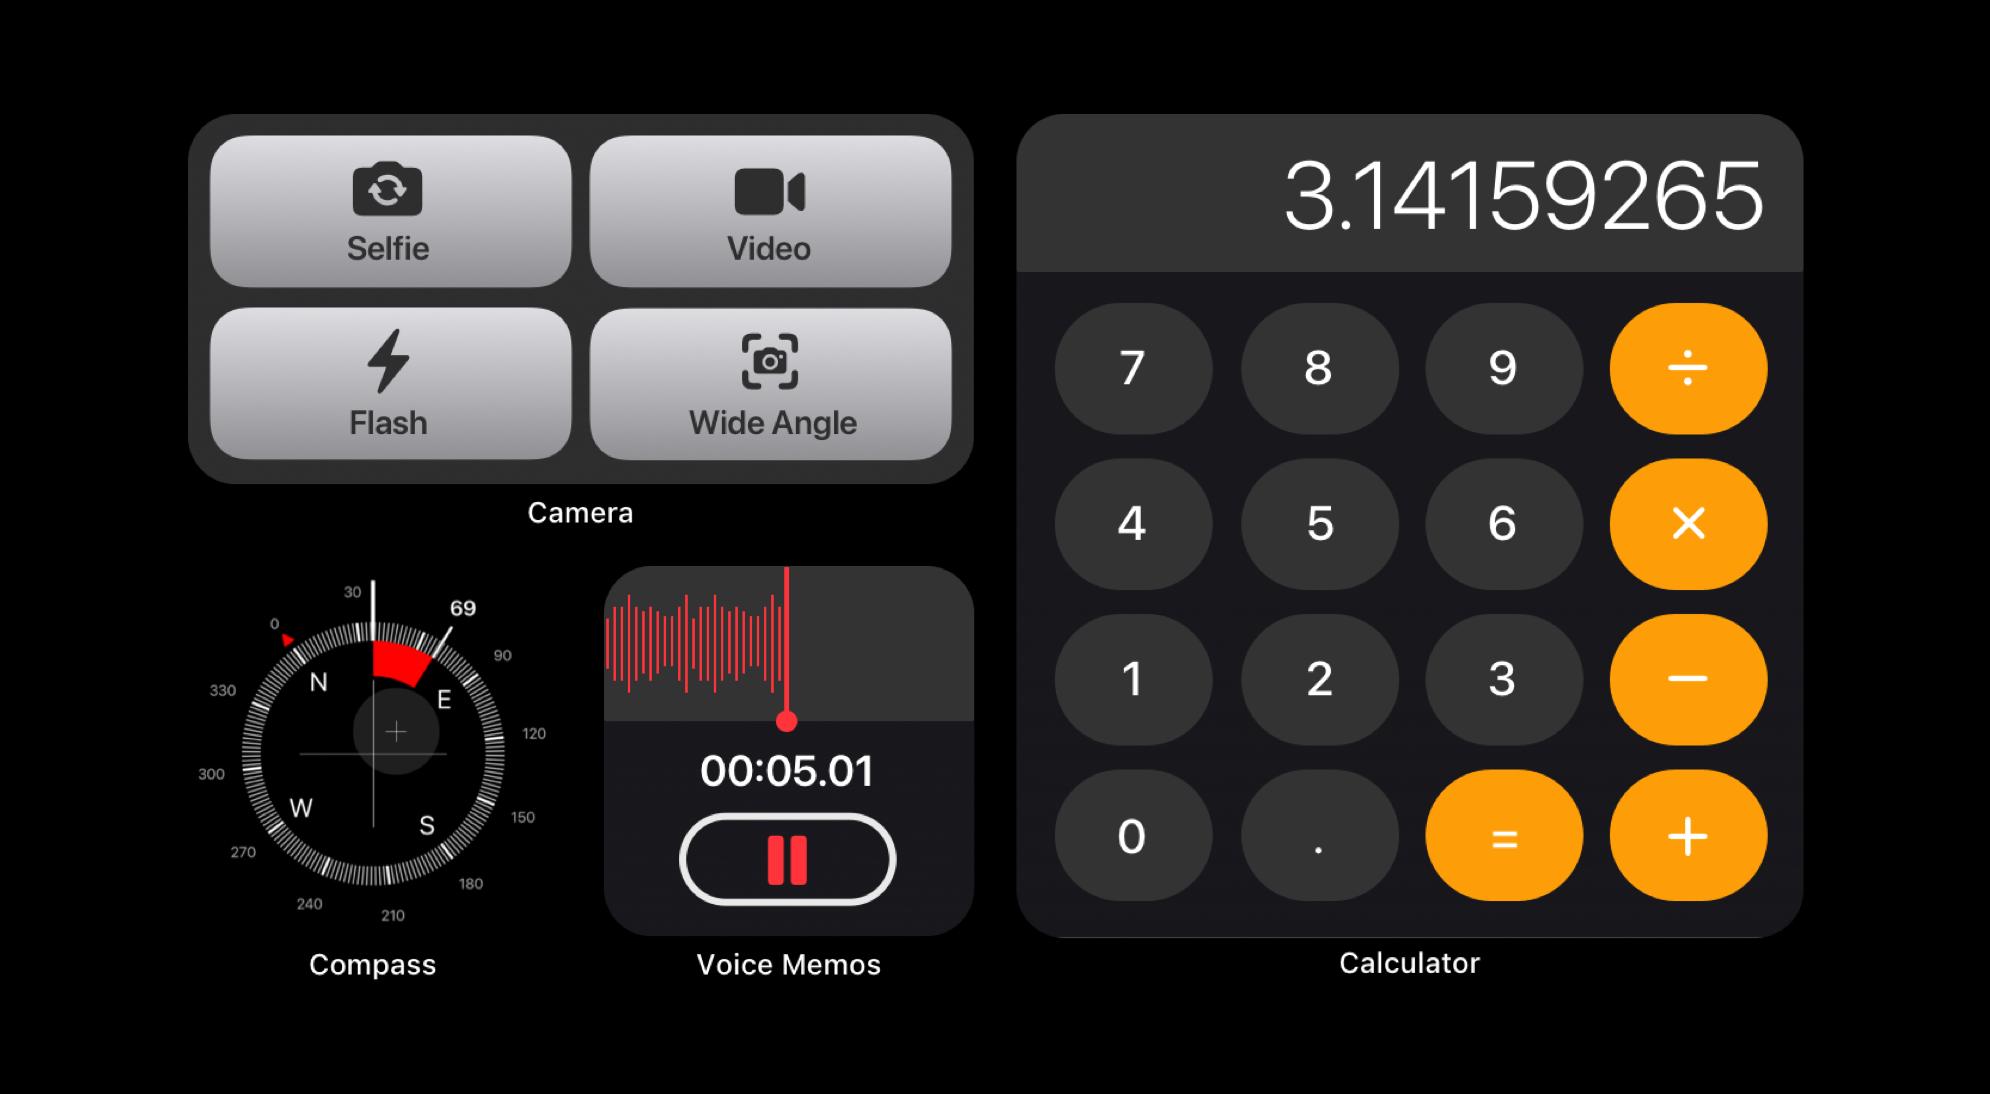 """Ngắm concept iOS 15 chuẩn bị ra mắt: Icon mới nổi bật hơn, bộ widget được cải tiến, cho khả năng tuỳ biến """"tẹt ga"""" - Ảnh 4."""